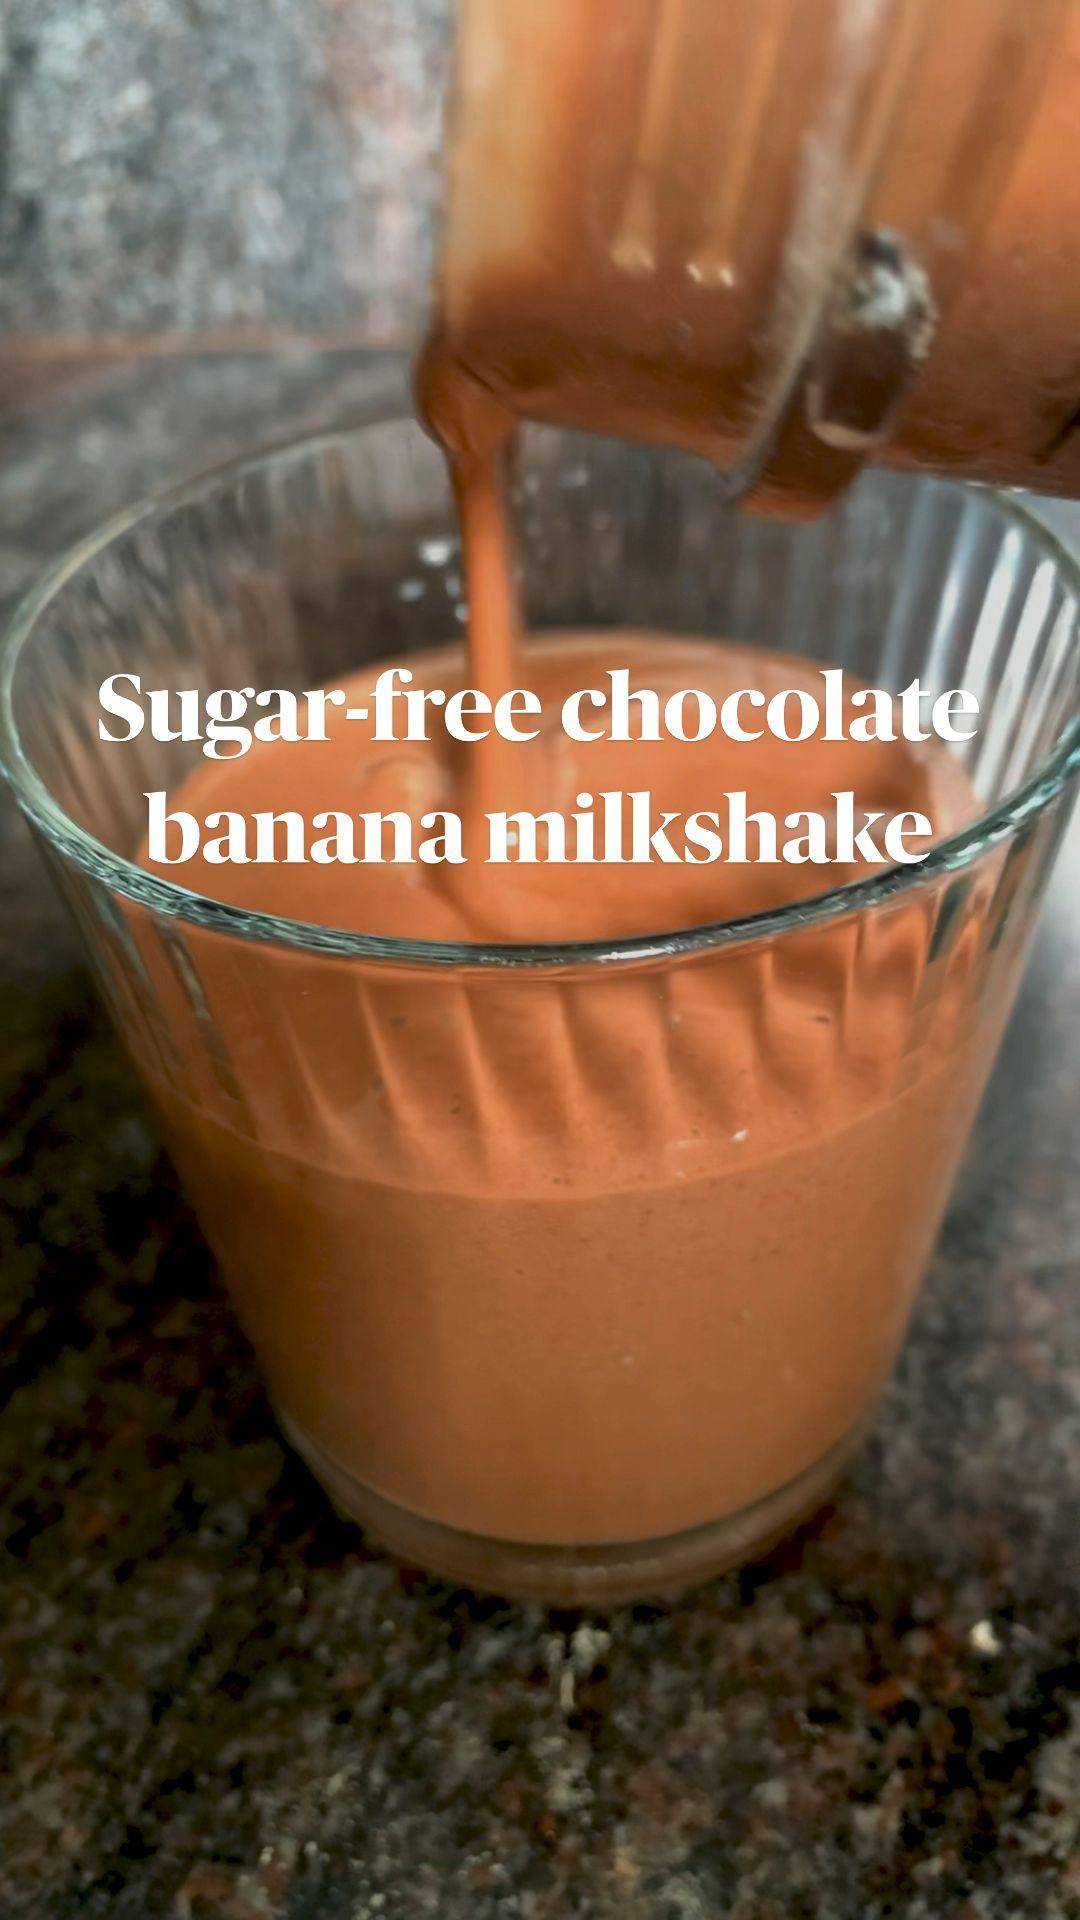 Sugar-free & vegan chocolate banana milkshake